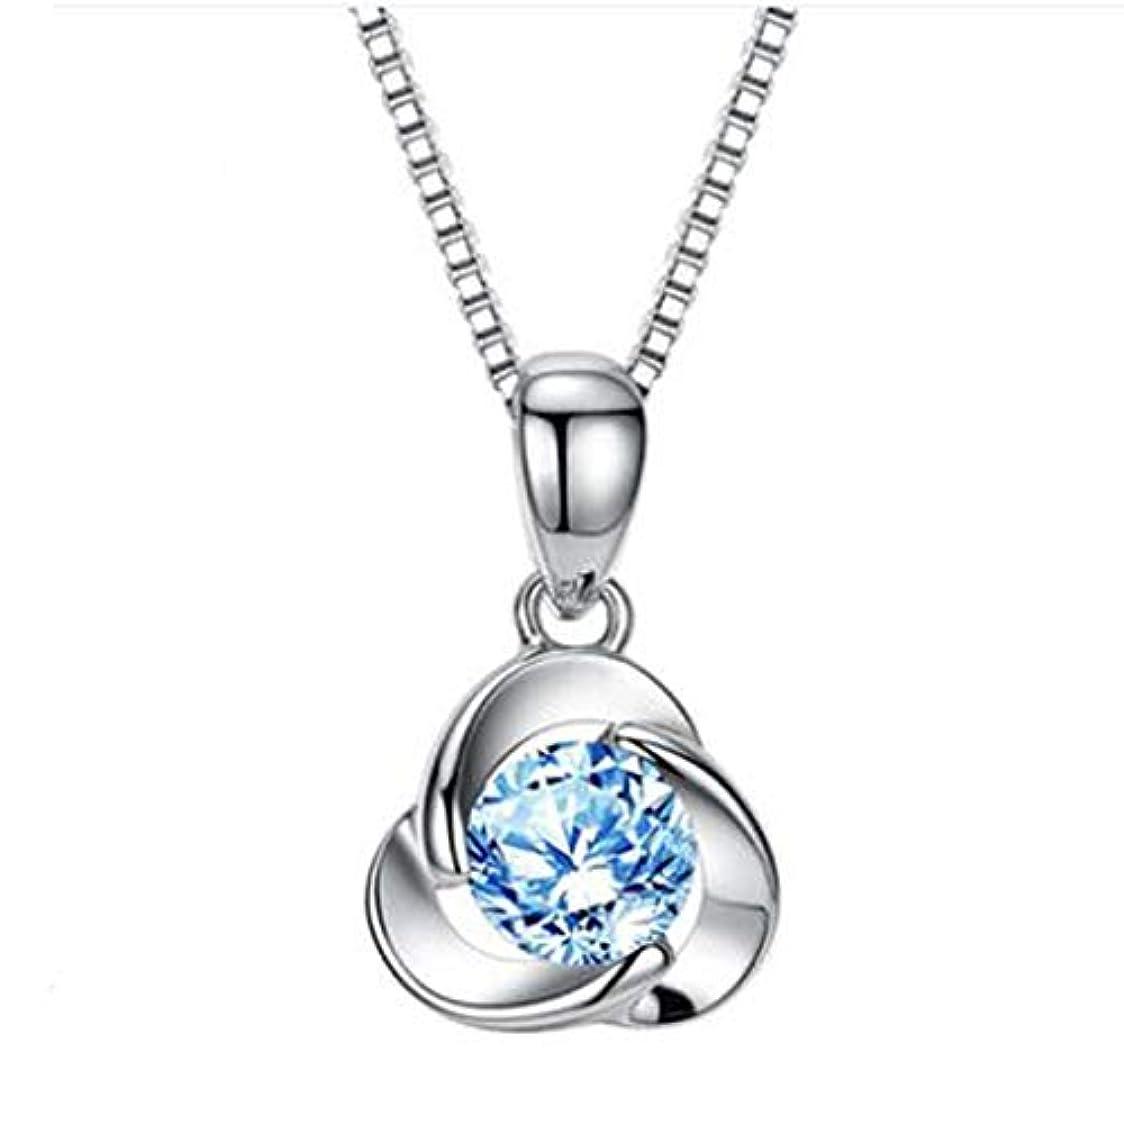 ふける爆発するありふれたGaoxingbianlidian001 ガールフレンドの妻の誕生日プレゼントを送る女性実用クリエイティブロマンチックな特別な心小さな贈り物,楽しいホリデーギフト (Color : Blue)